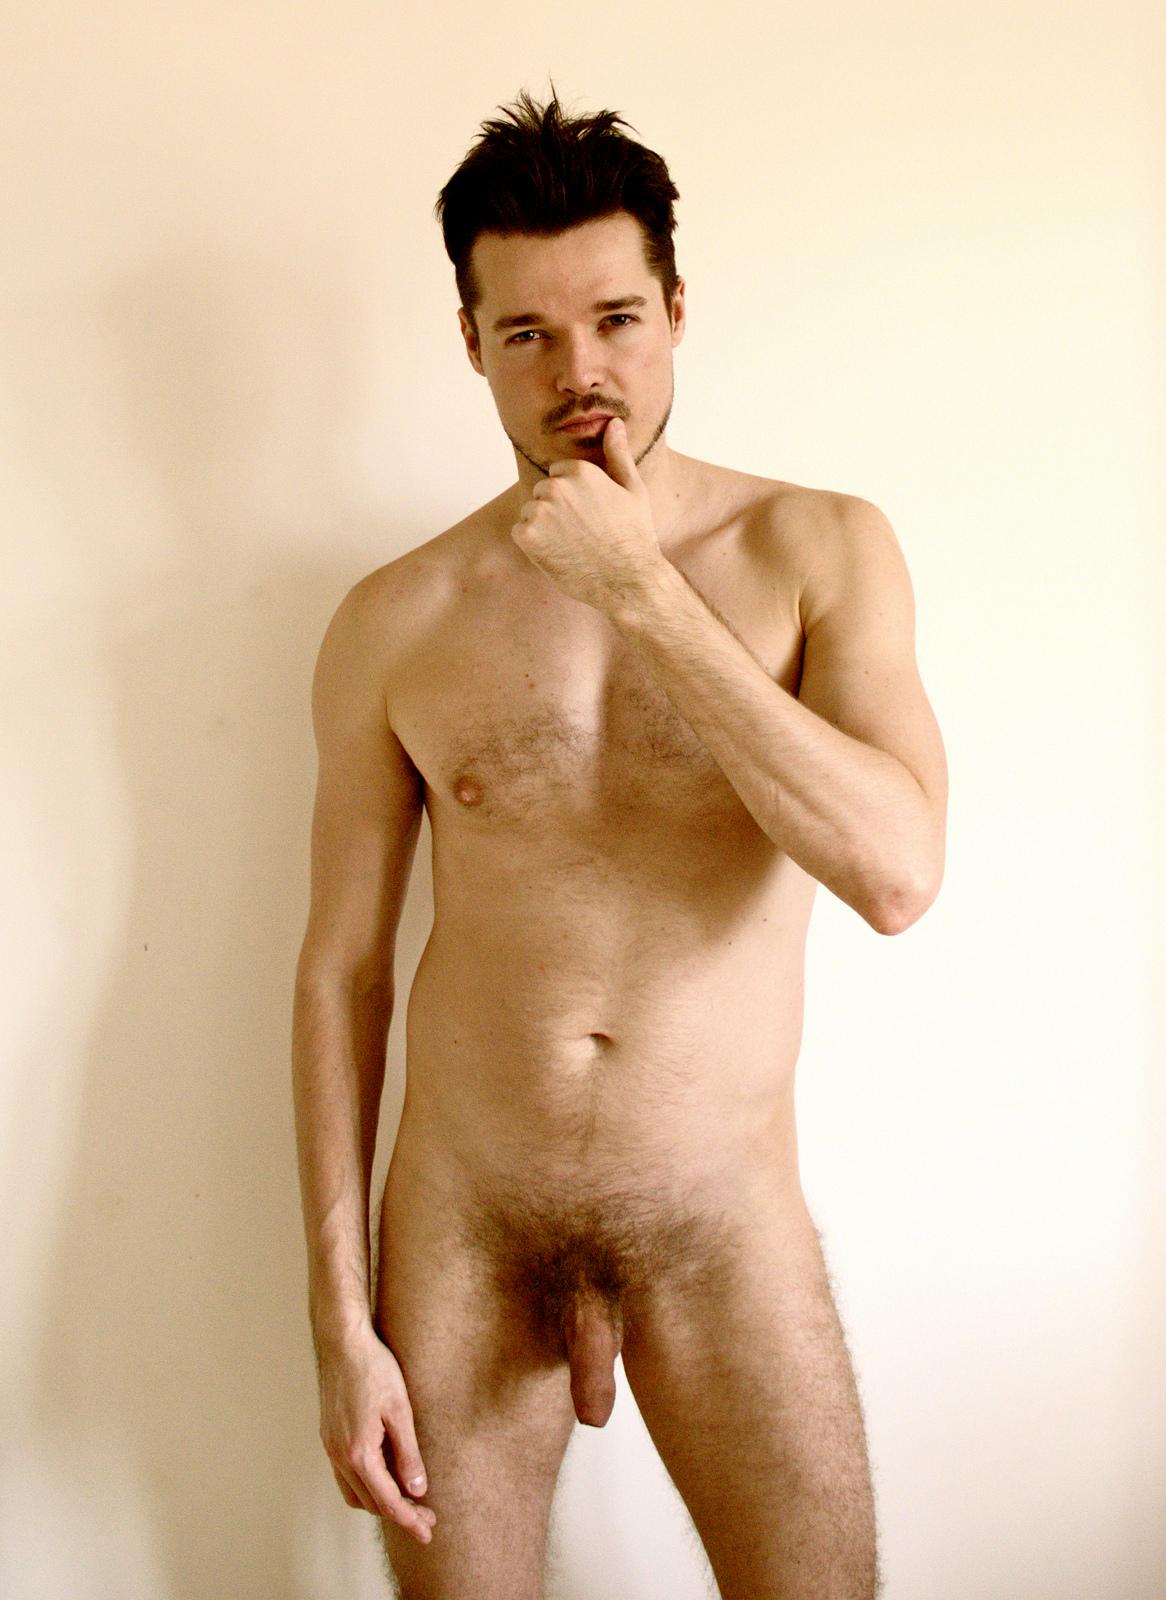 Photo d'un homme nu de 22 ans assez timide et non circoncis